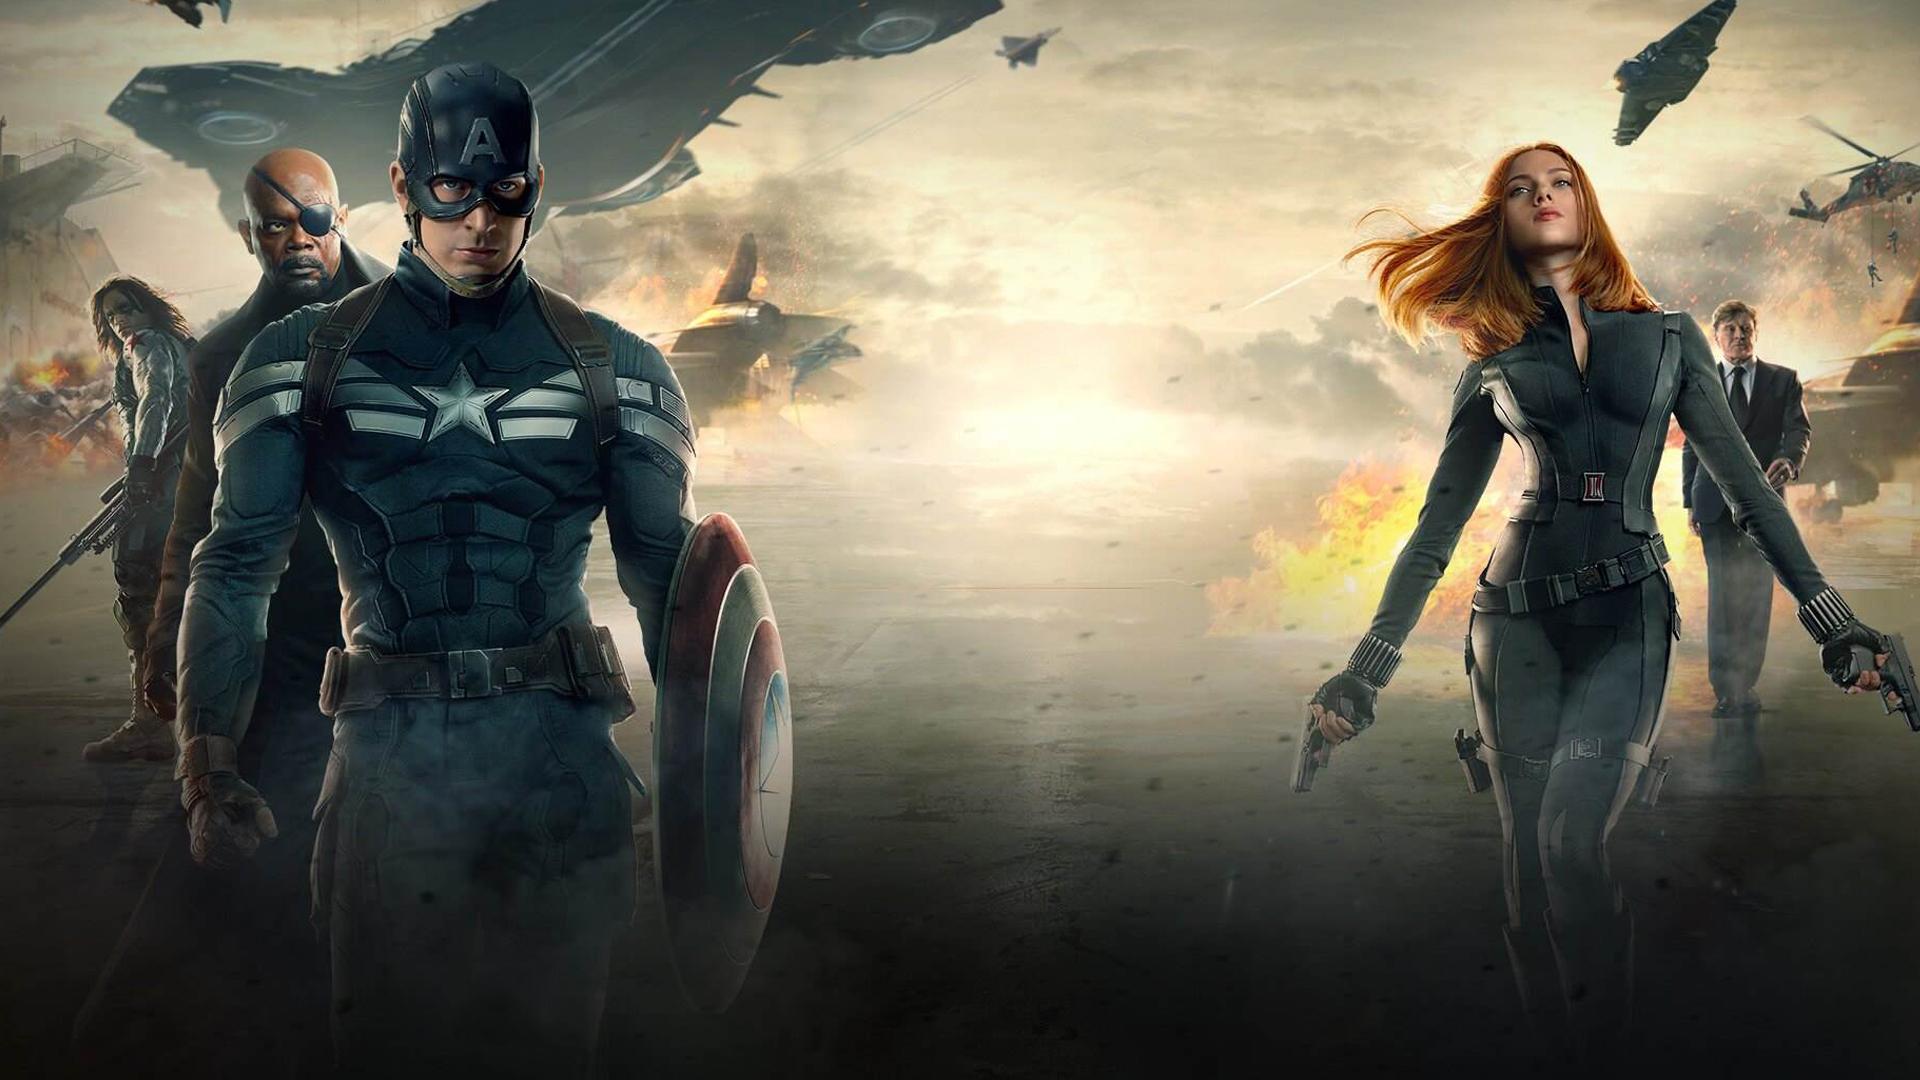 Captain America Winter Soldier 1080p 61 Wallpaper HD 1920x1080